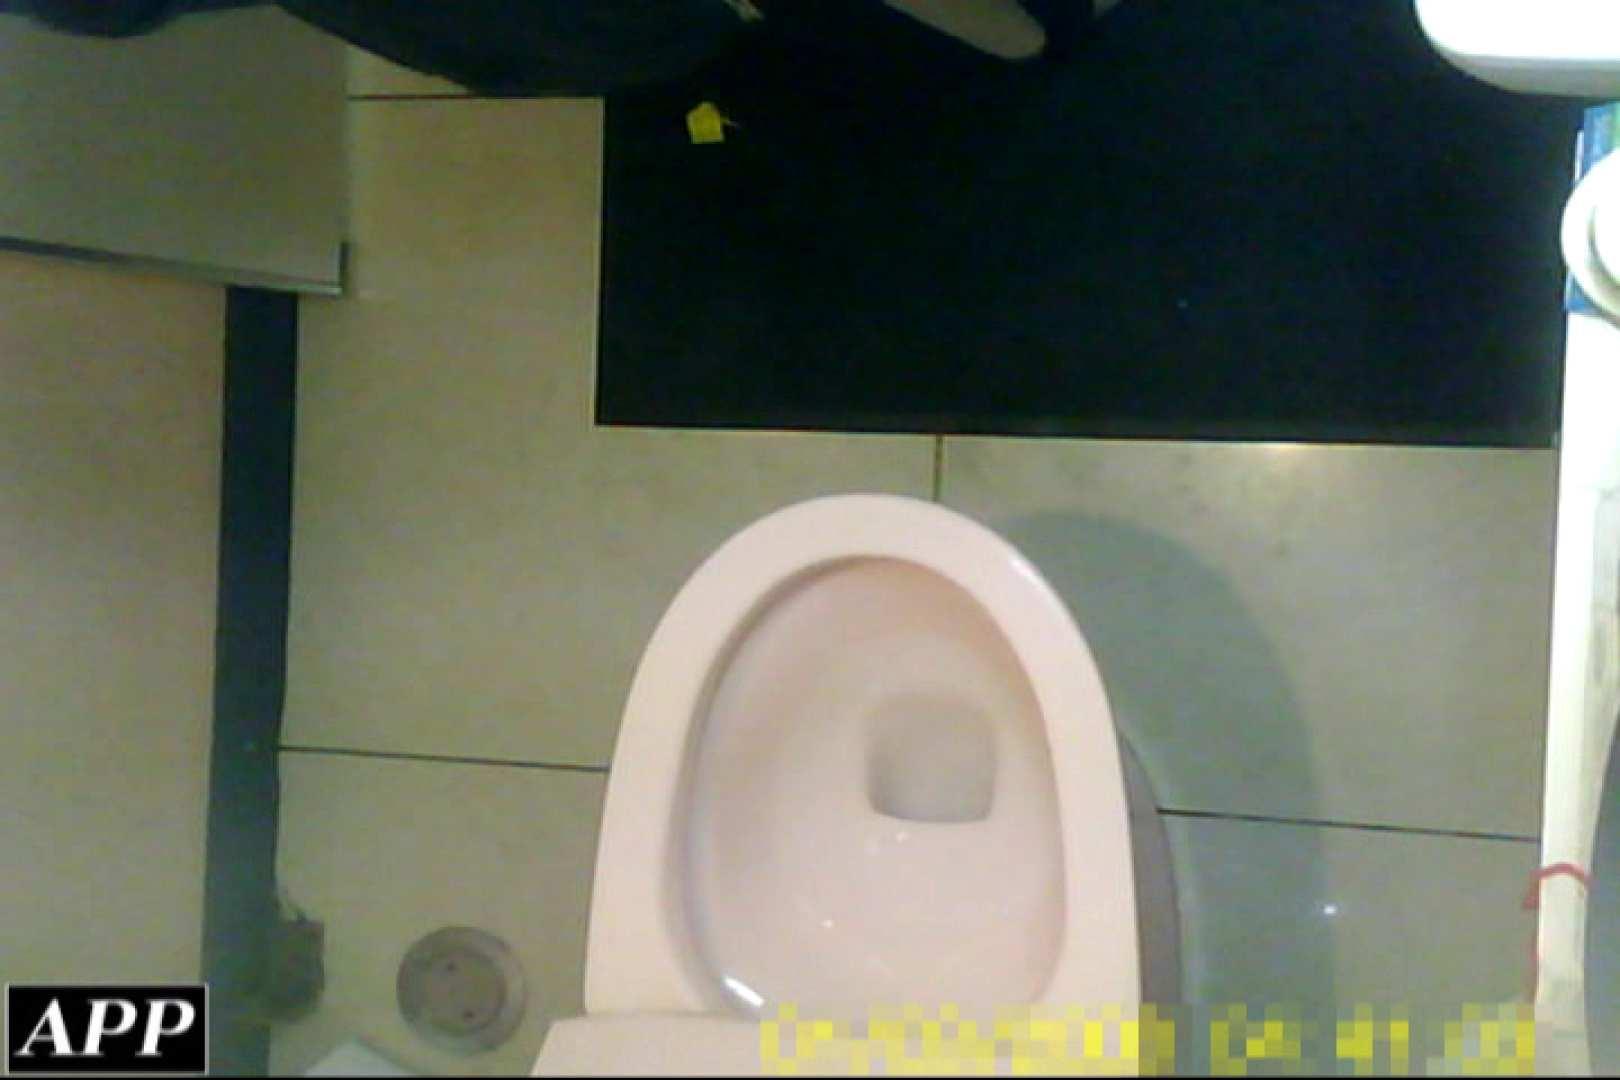 3視点洗面所 vol.119 OLセックス 盗撮AV動画キャプチャ 101画像 8